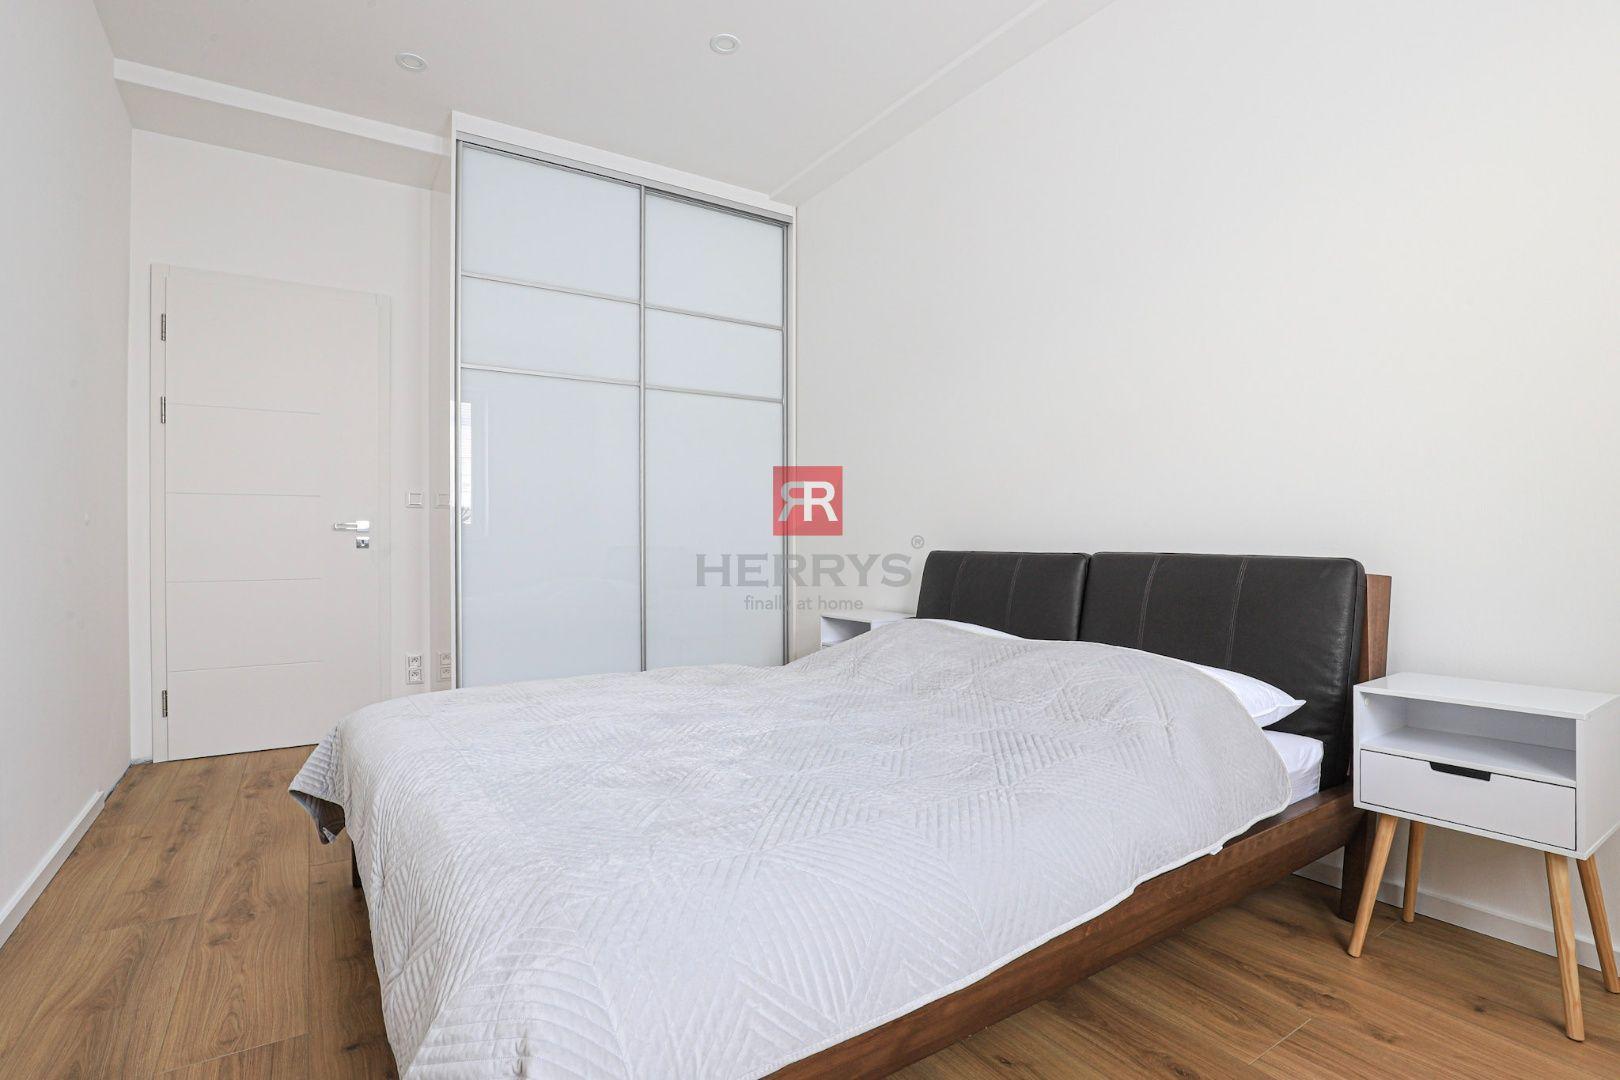 HERRYS - Na prenájom exkluzívny kompletne zariadený 3 izbový byt s krásnym výhľadom na nábreží Dunaja